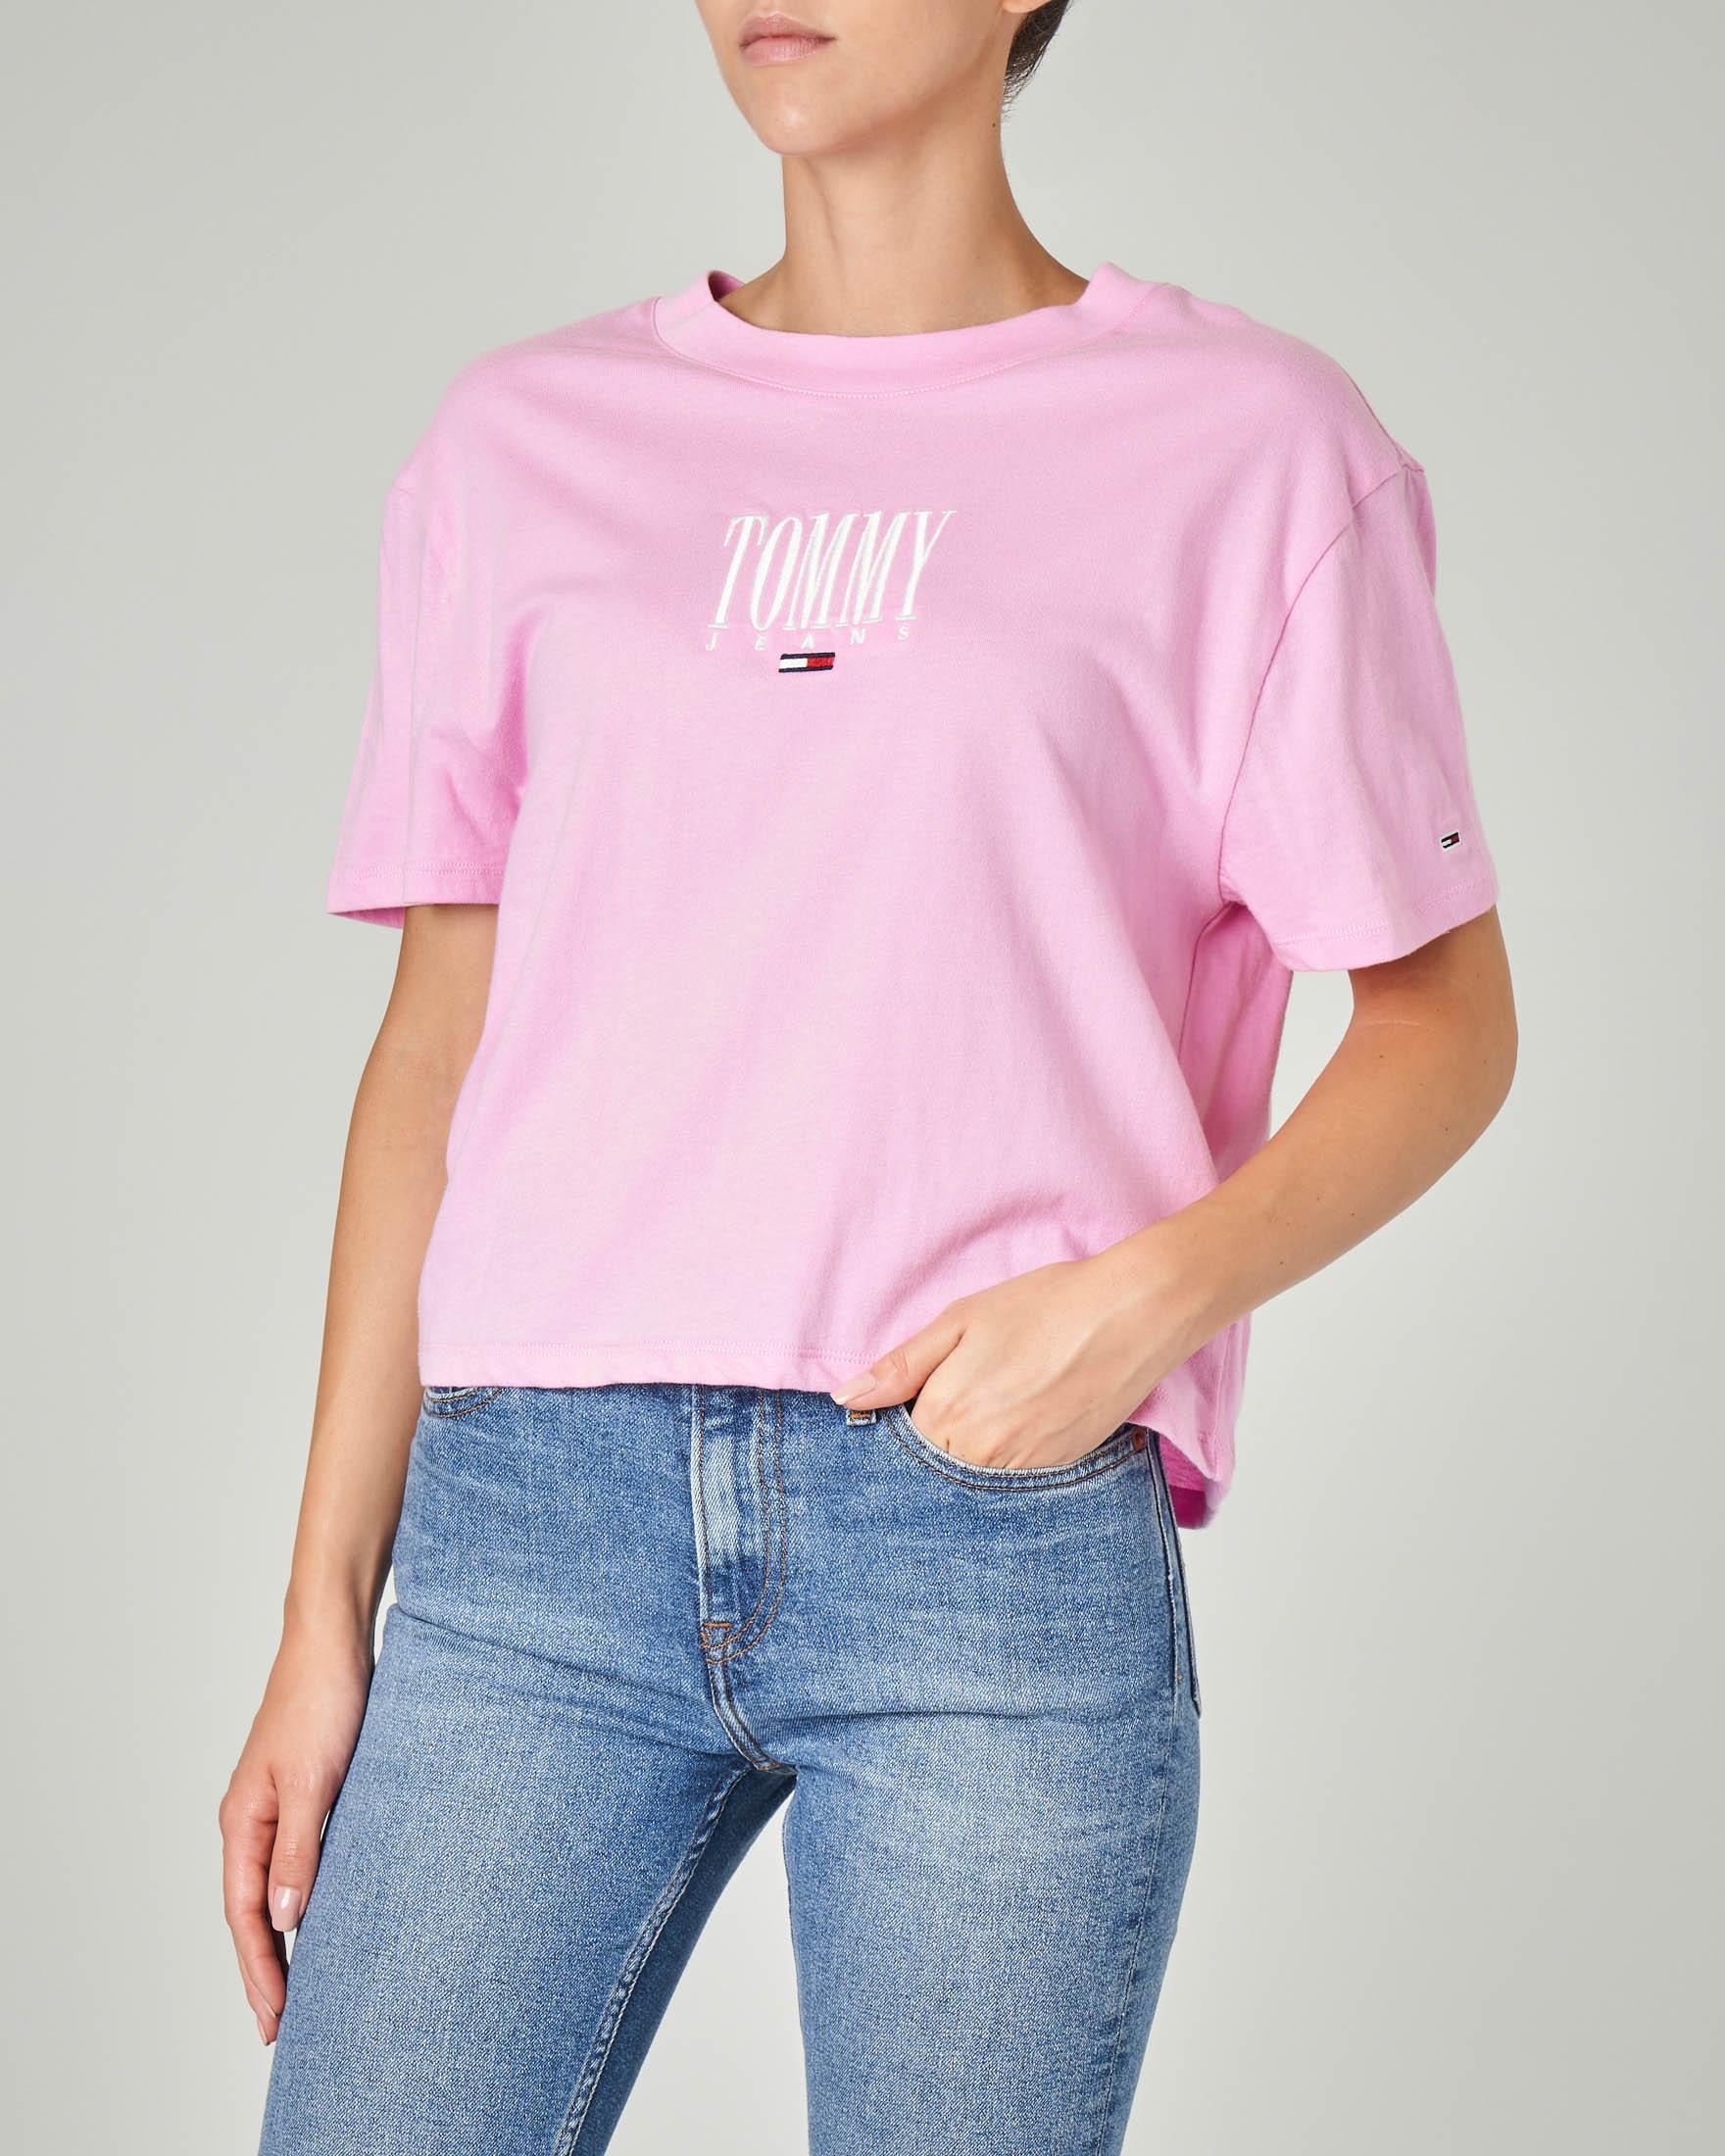 T-shirt cropped manica corta rosa in cotone con logo ricamato